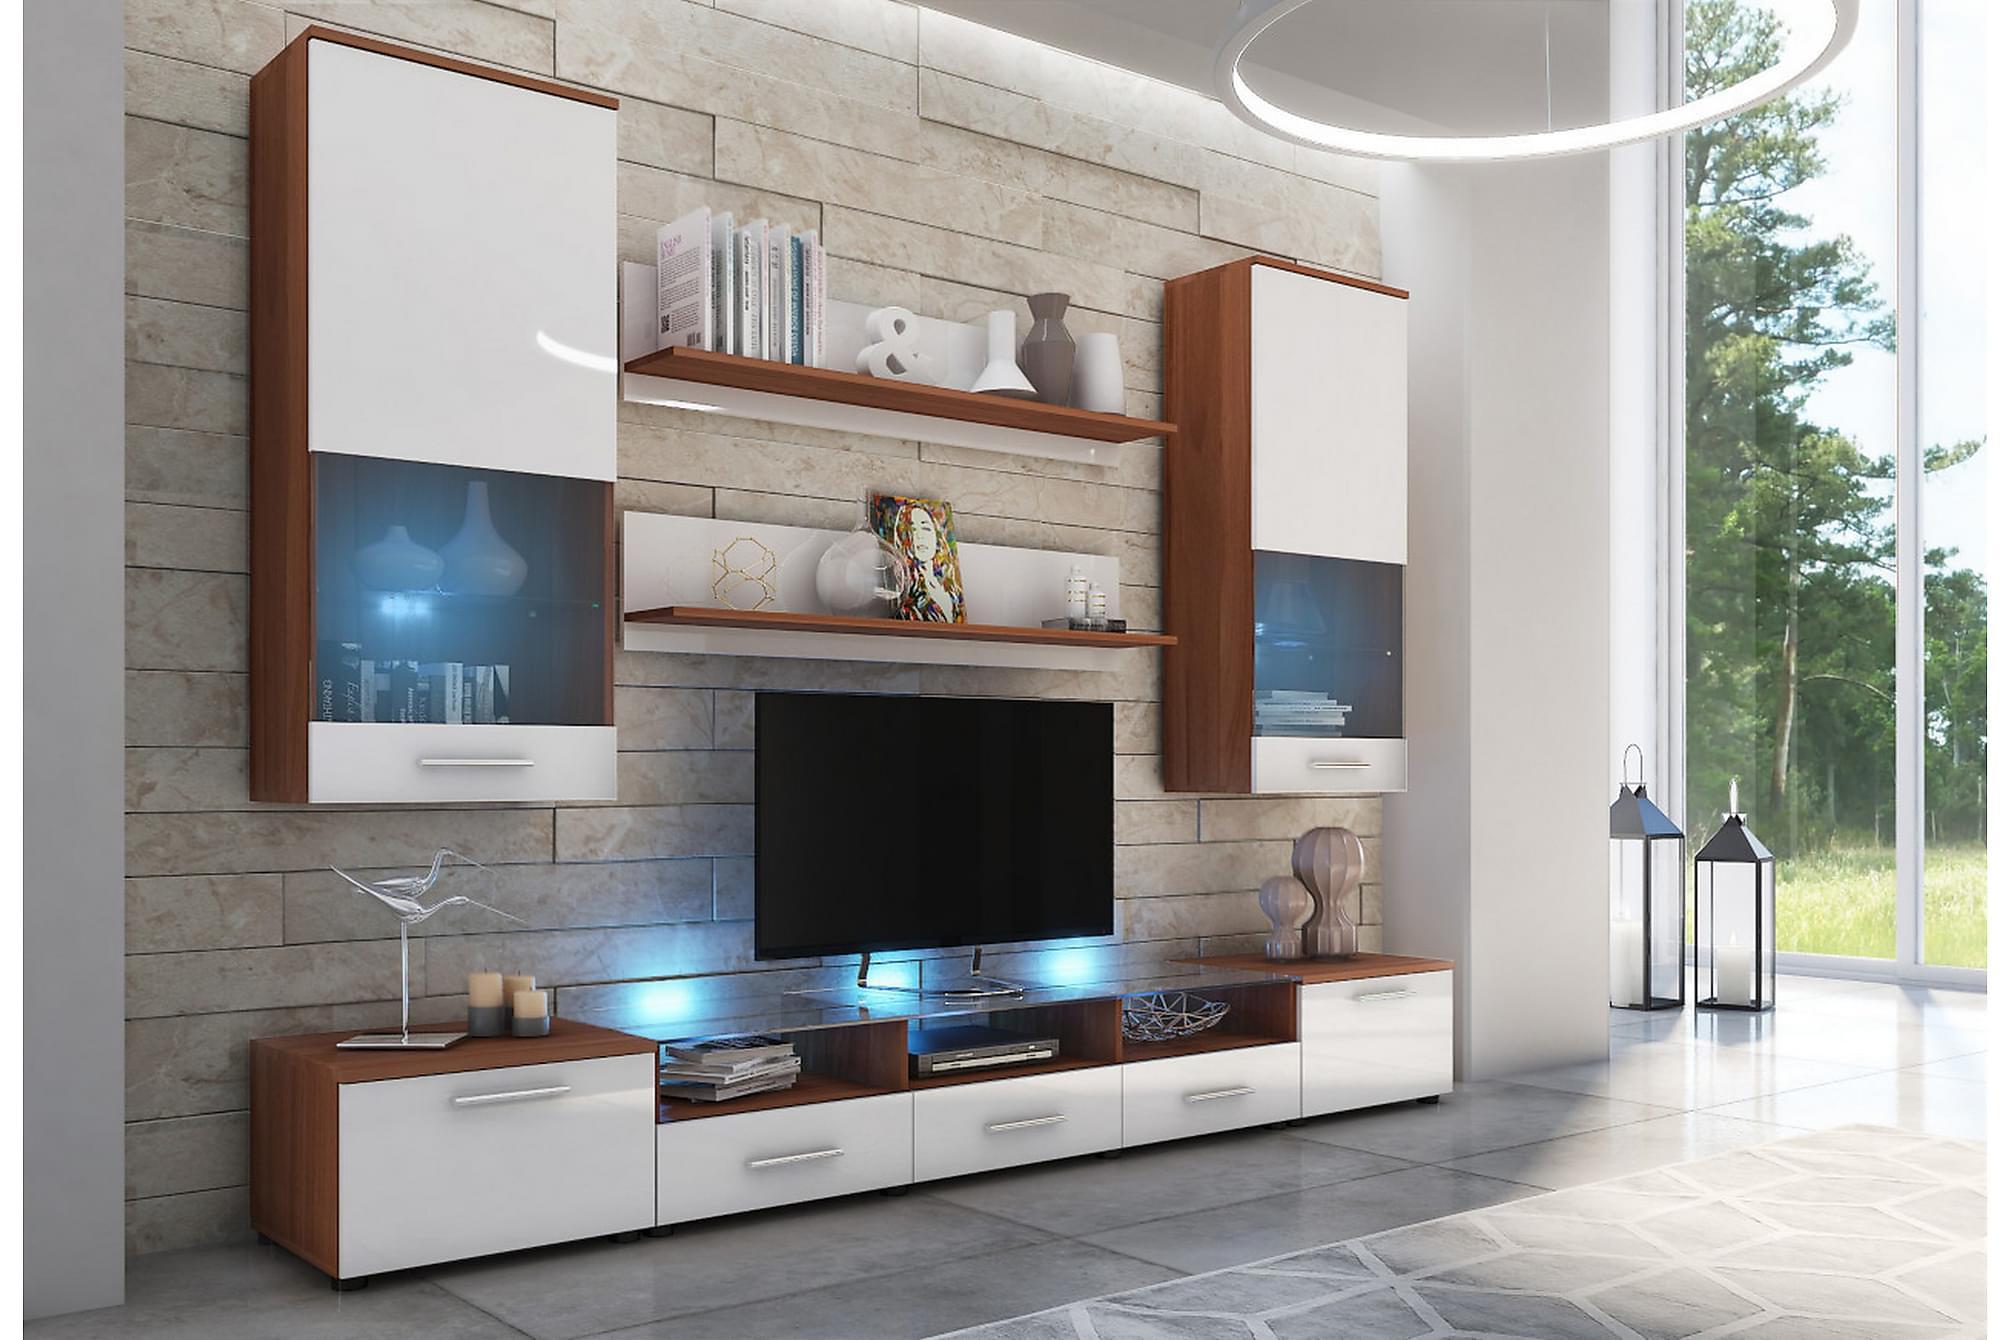 CAMA Vardagsrumsset 42x250 cm LED-belysning Vit/Högglans, Möbelset för vardagsrum